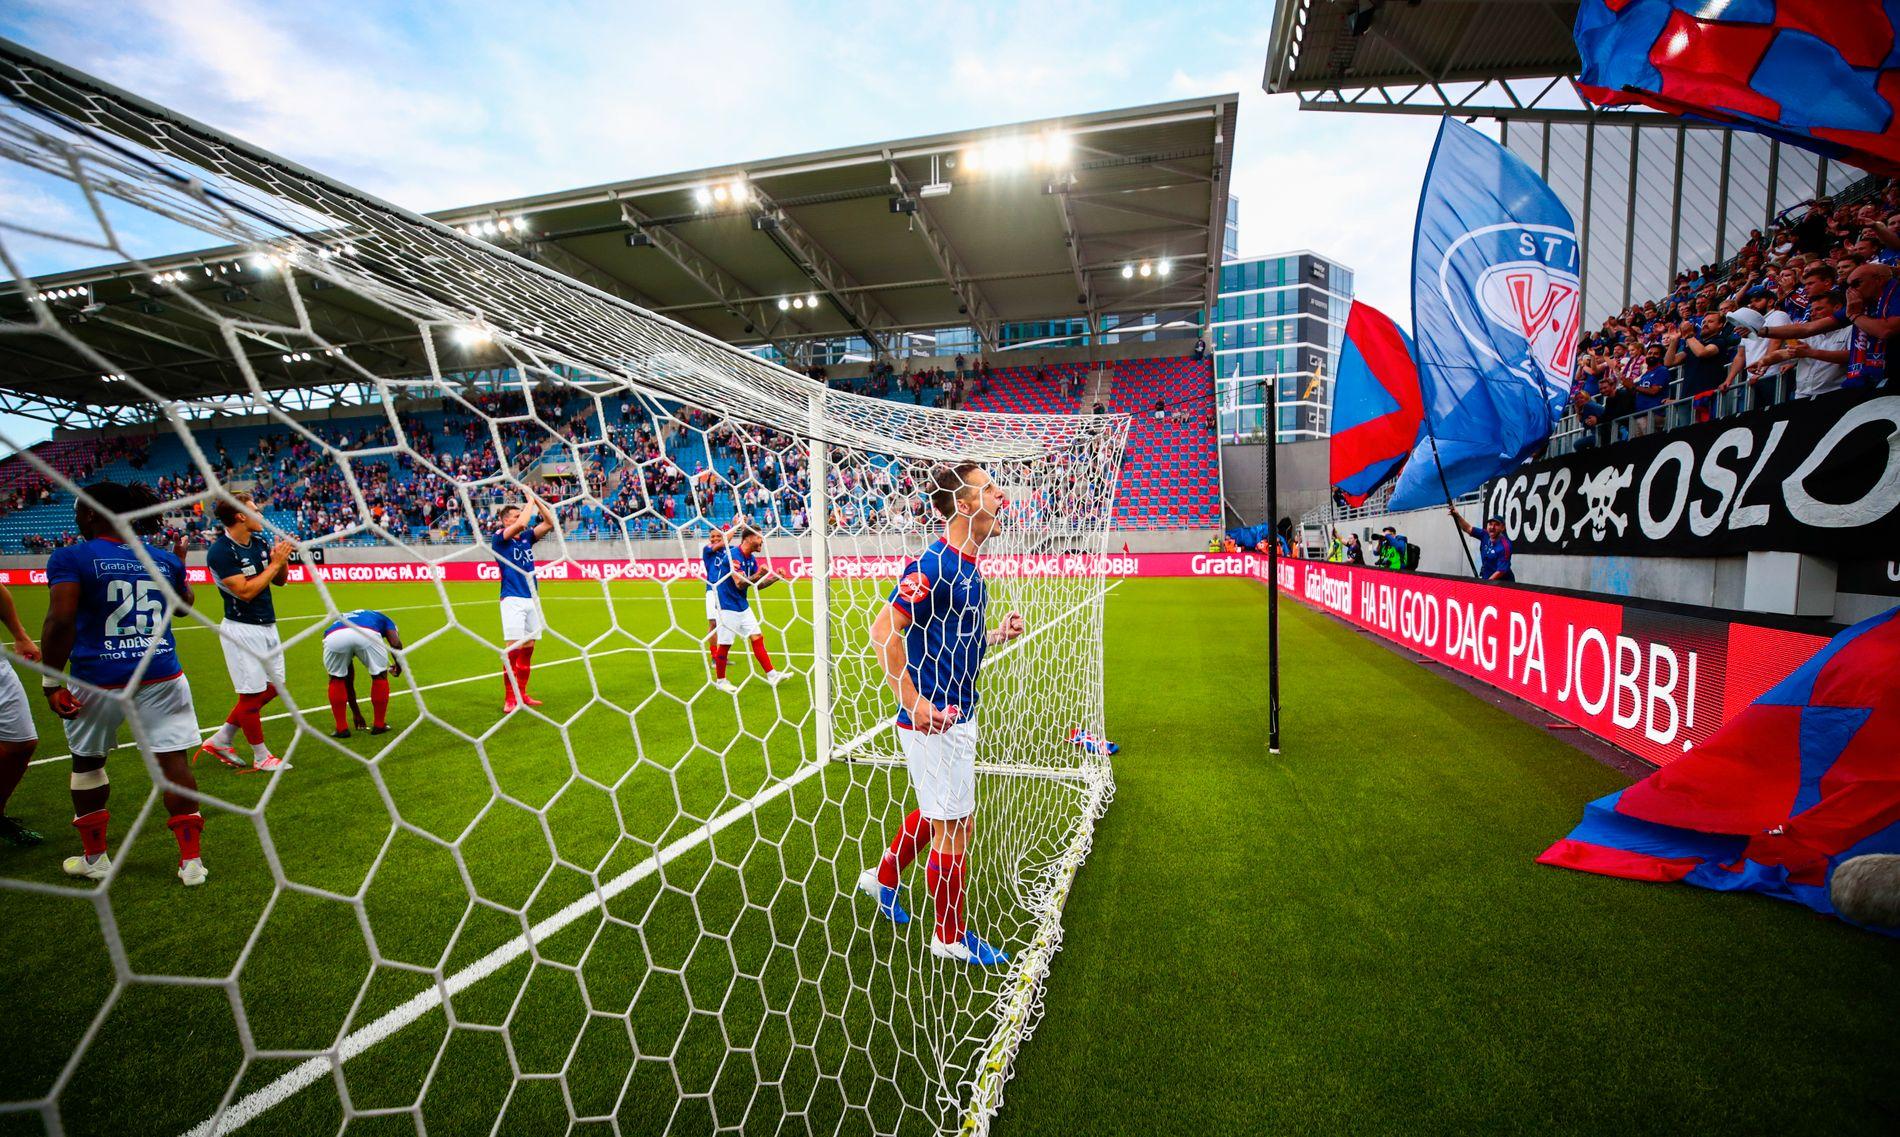 Vålerenga var skikkelig i siget i vårsesongen. Her jubler Herolind Shala etter hele 6–0 over Bodø/Glimt i mai. Det blir neppe resultatet i kommende kamp mot formsterke Glimt.